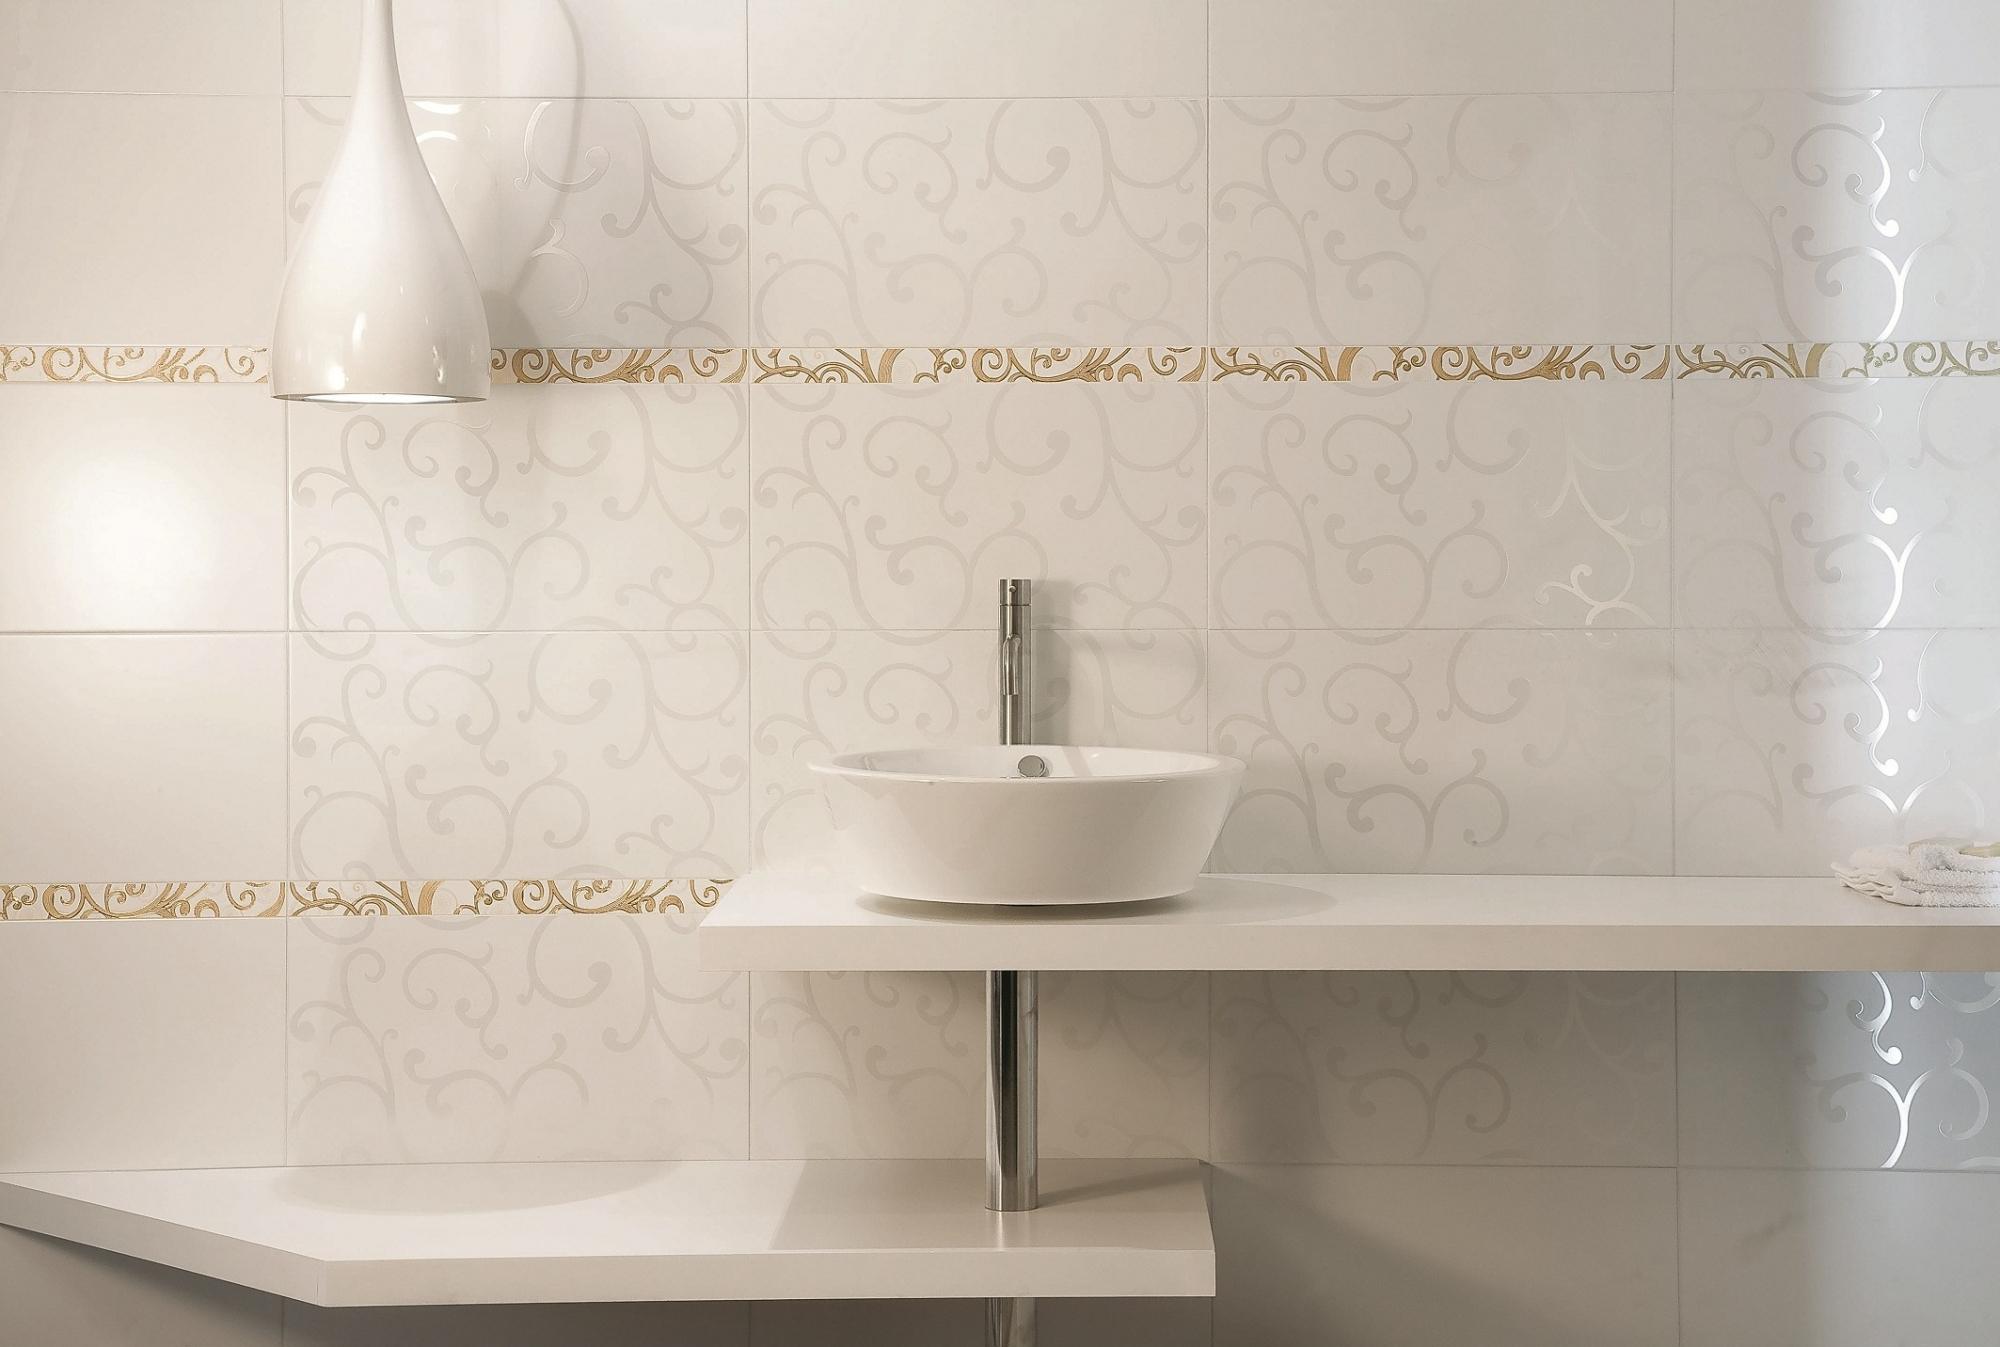 Керамическая плитка с узорами в дизайне ванной комнаты